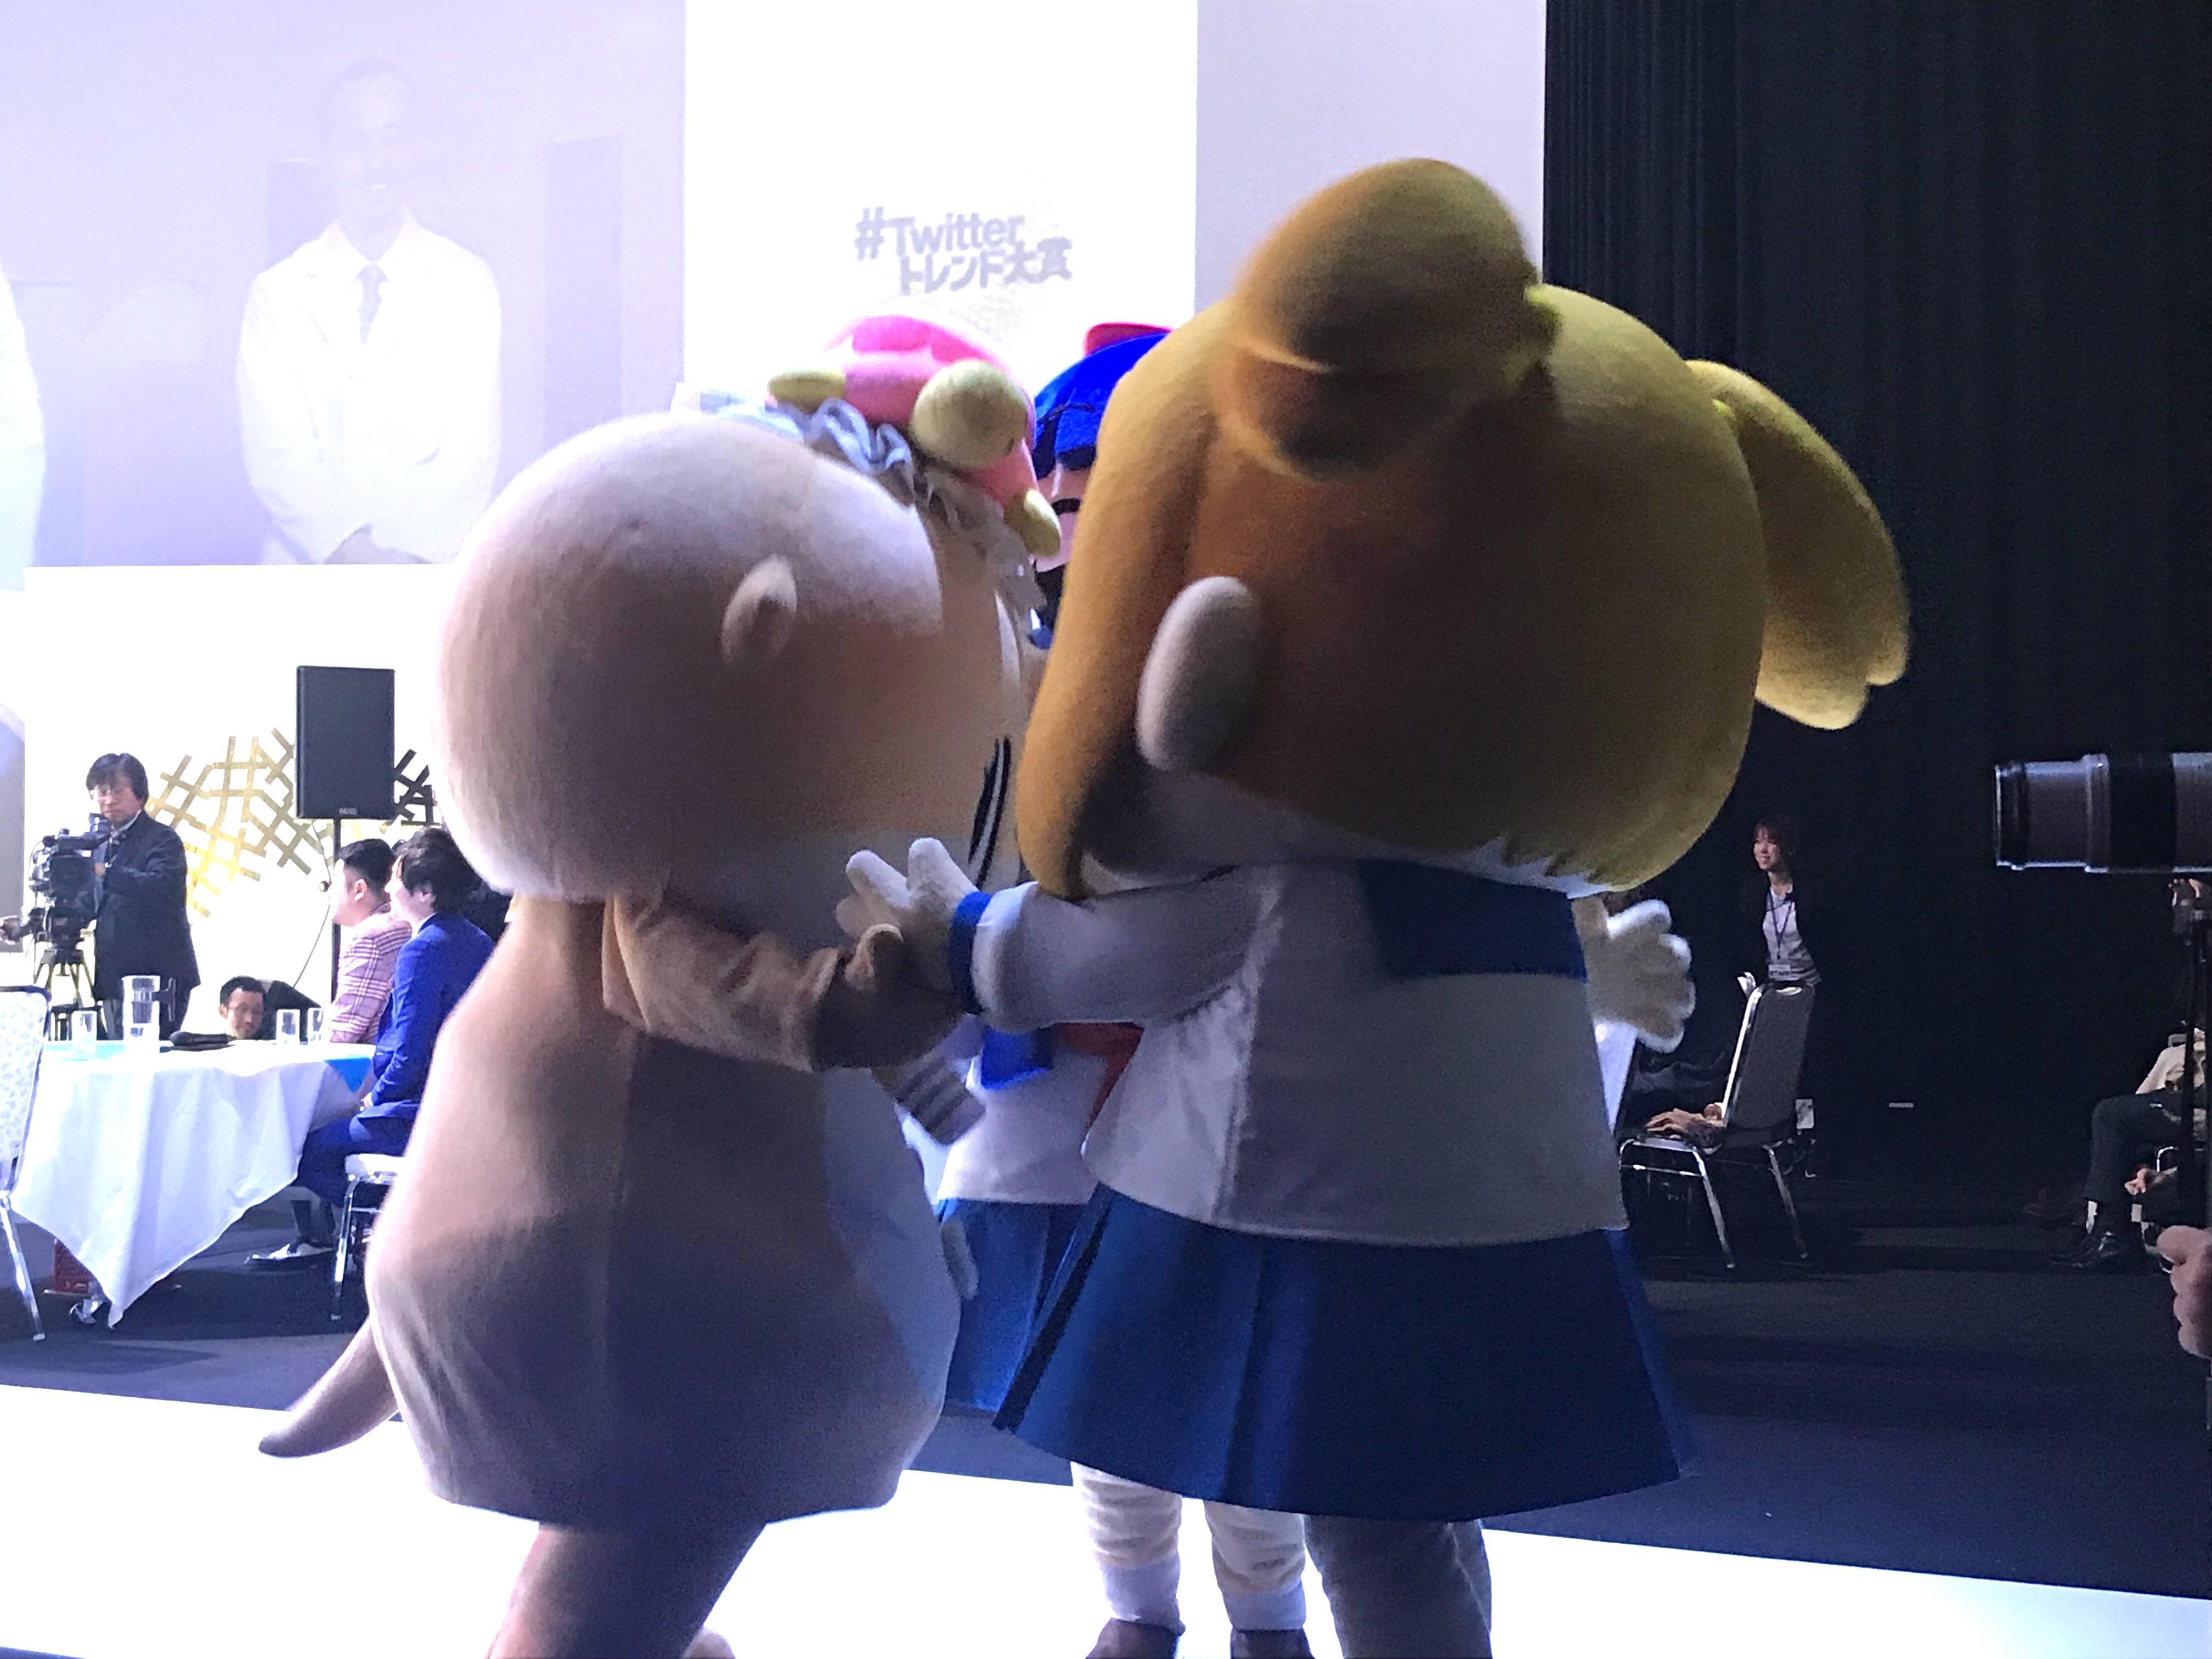 http://news.yoshimoto.co.jp/20190122020052-daa5d7aa20d549d3c1a23d50936c9c2877b41d10.jpg